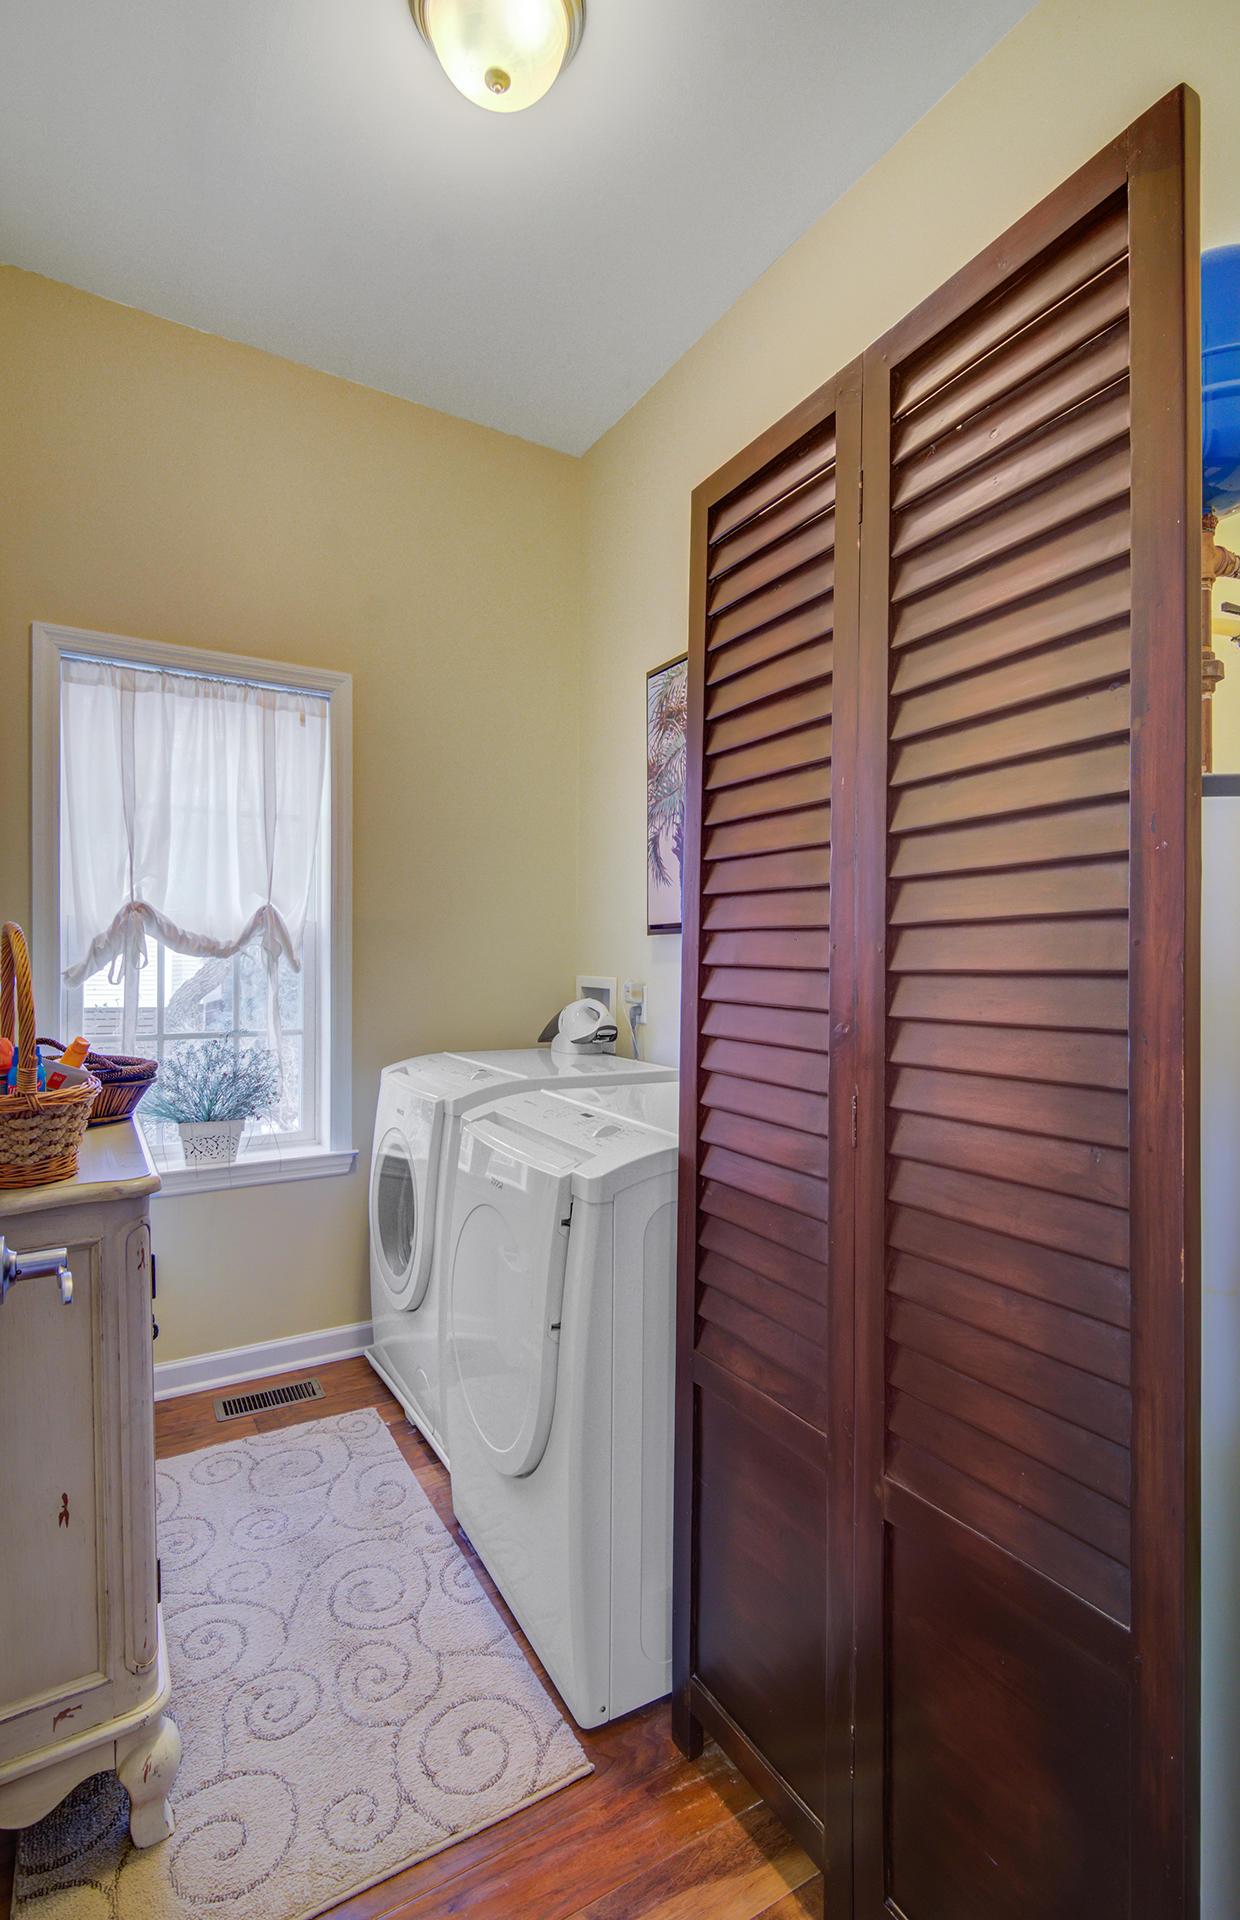 Sunset Cay Marina Homes For Sale - 67 9th, Folly Beach, SC - 41